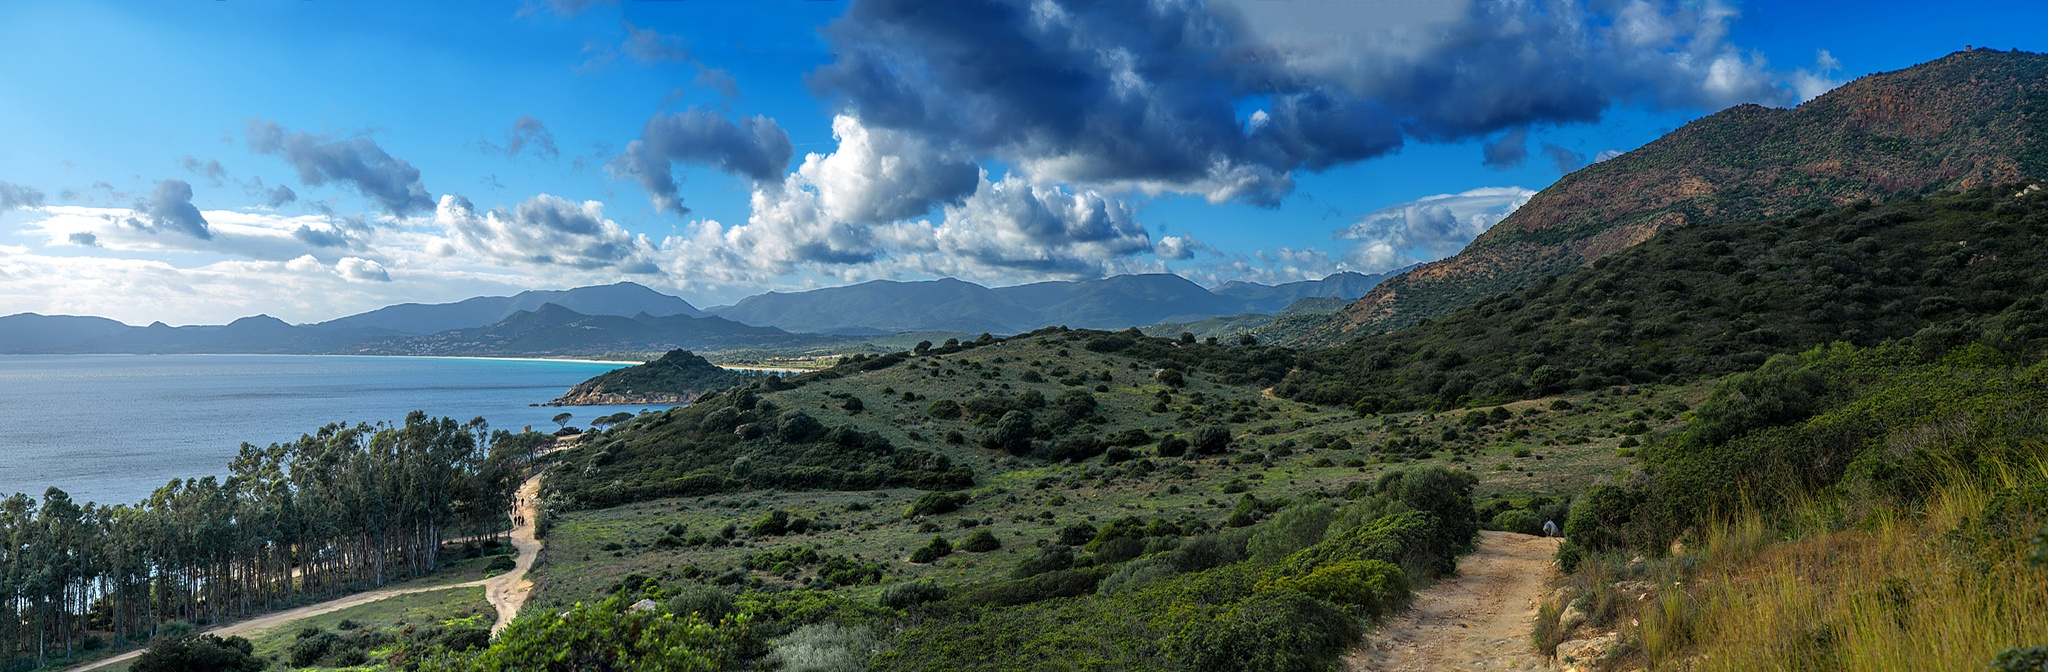 Photo in Landscape #capo ferrato #costa rei #sardinia #seascape #landscape #winter